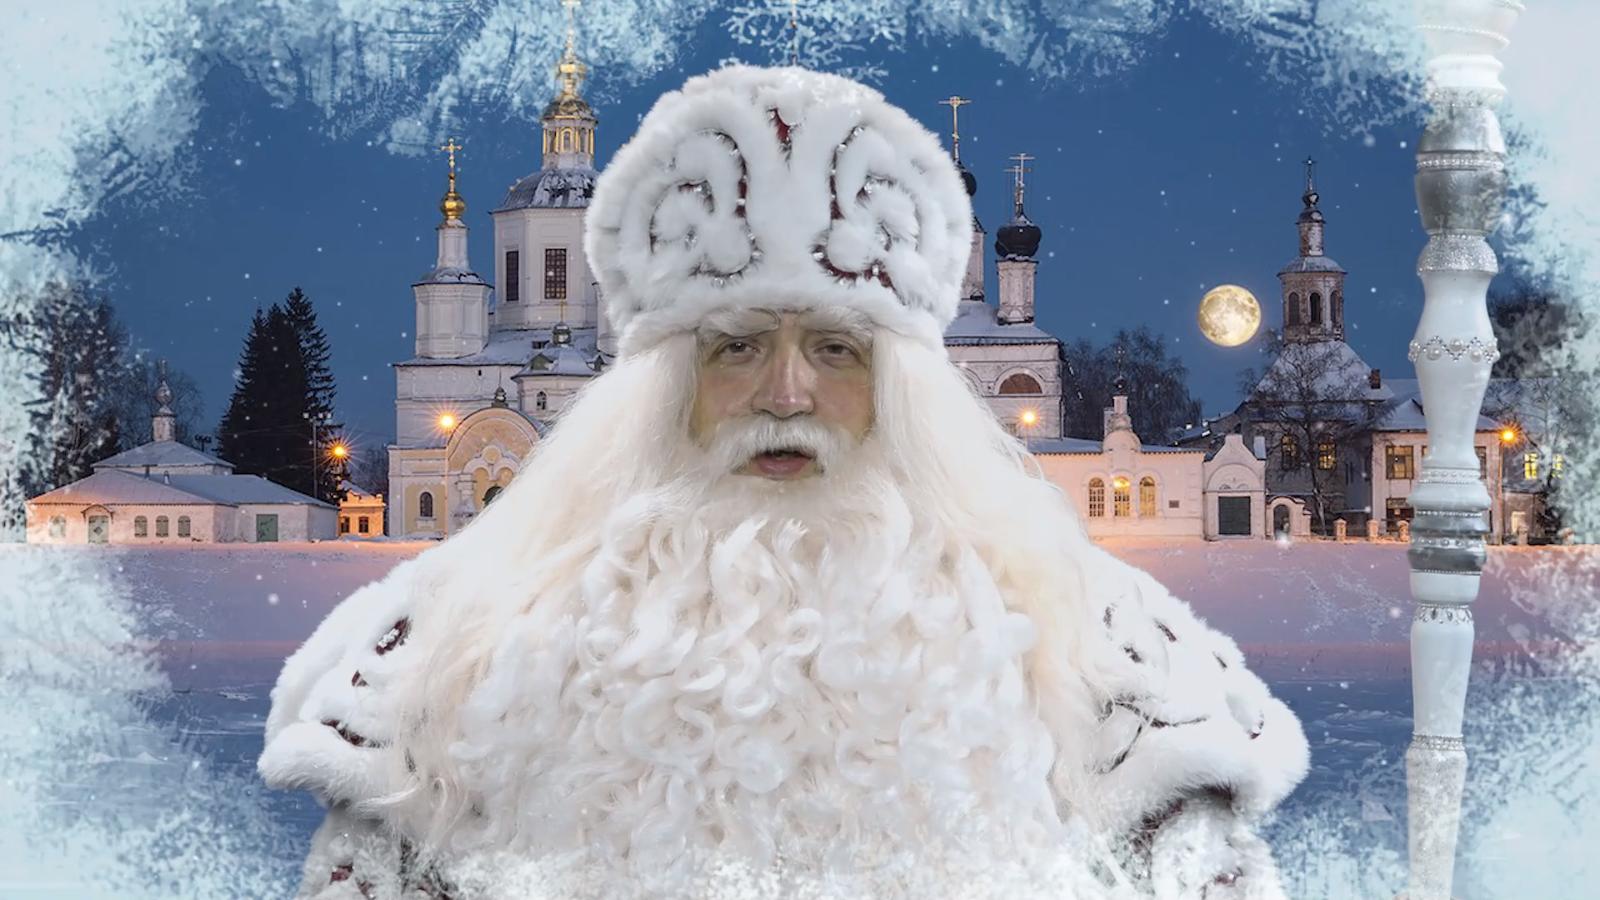 19 декабря в Тверскую область приедет Дед Мороз из Великого Устюга